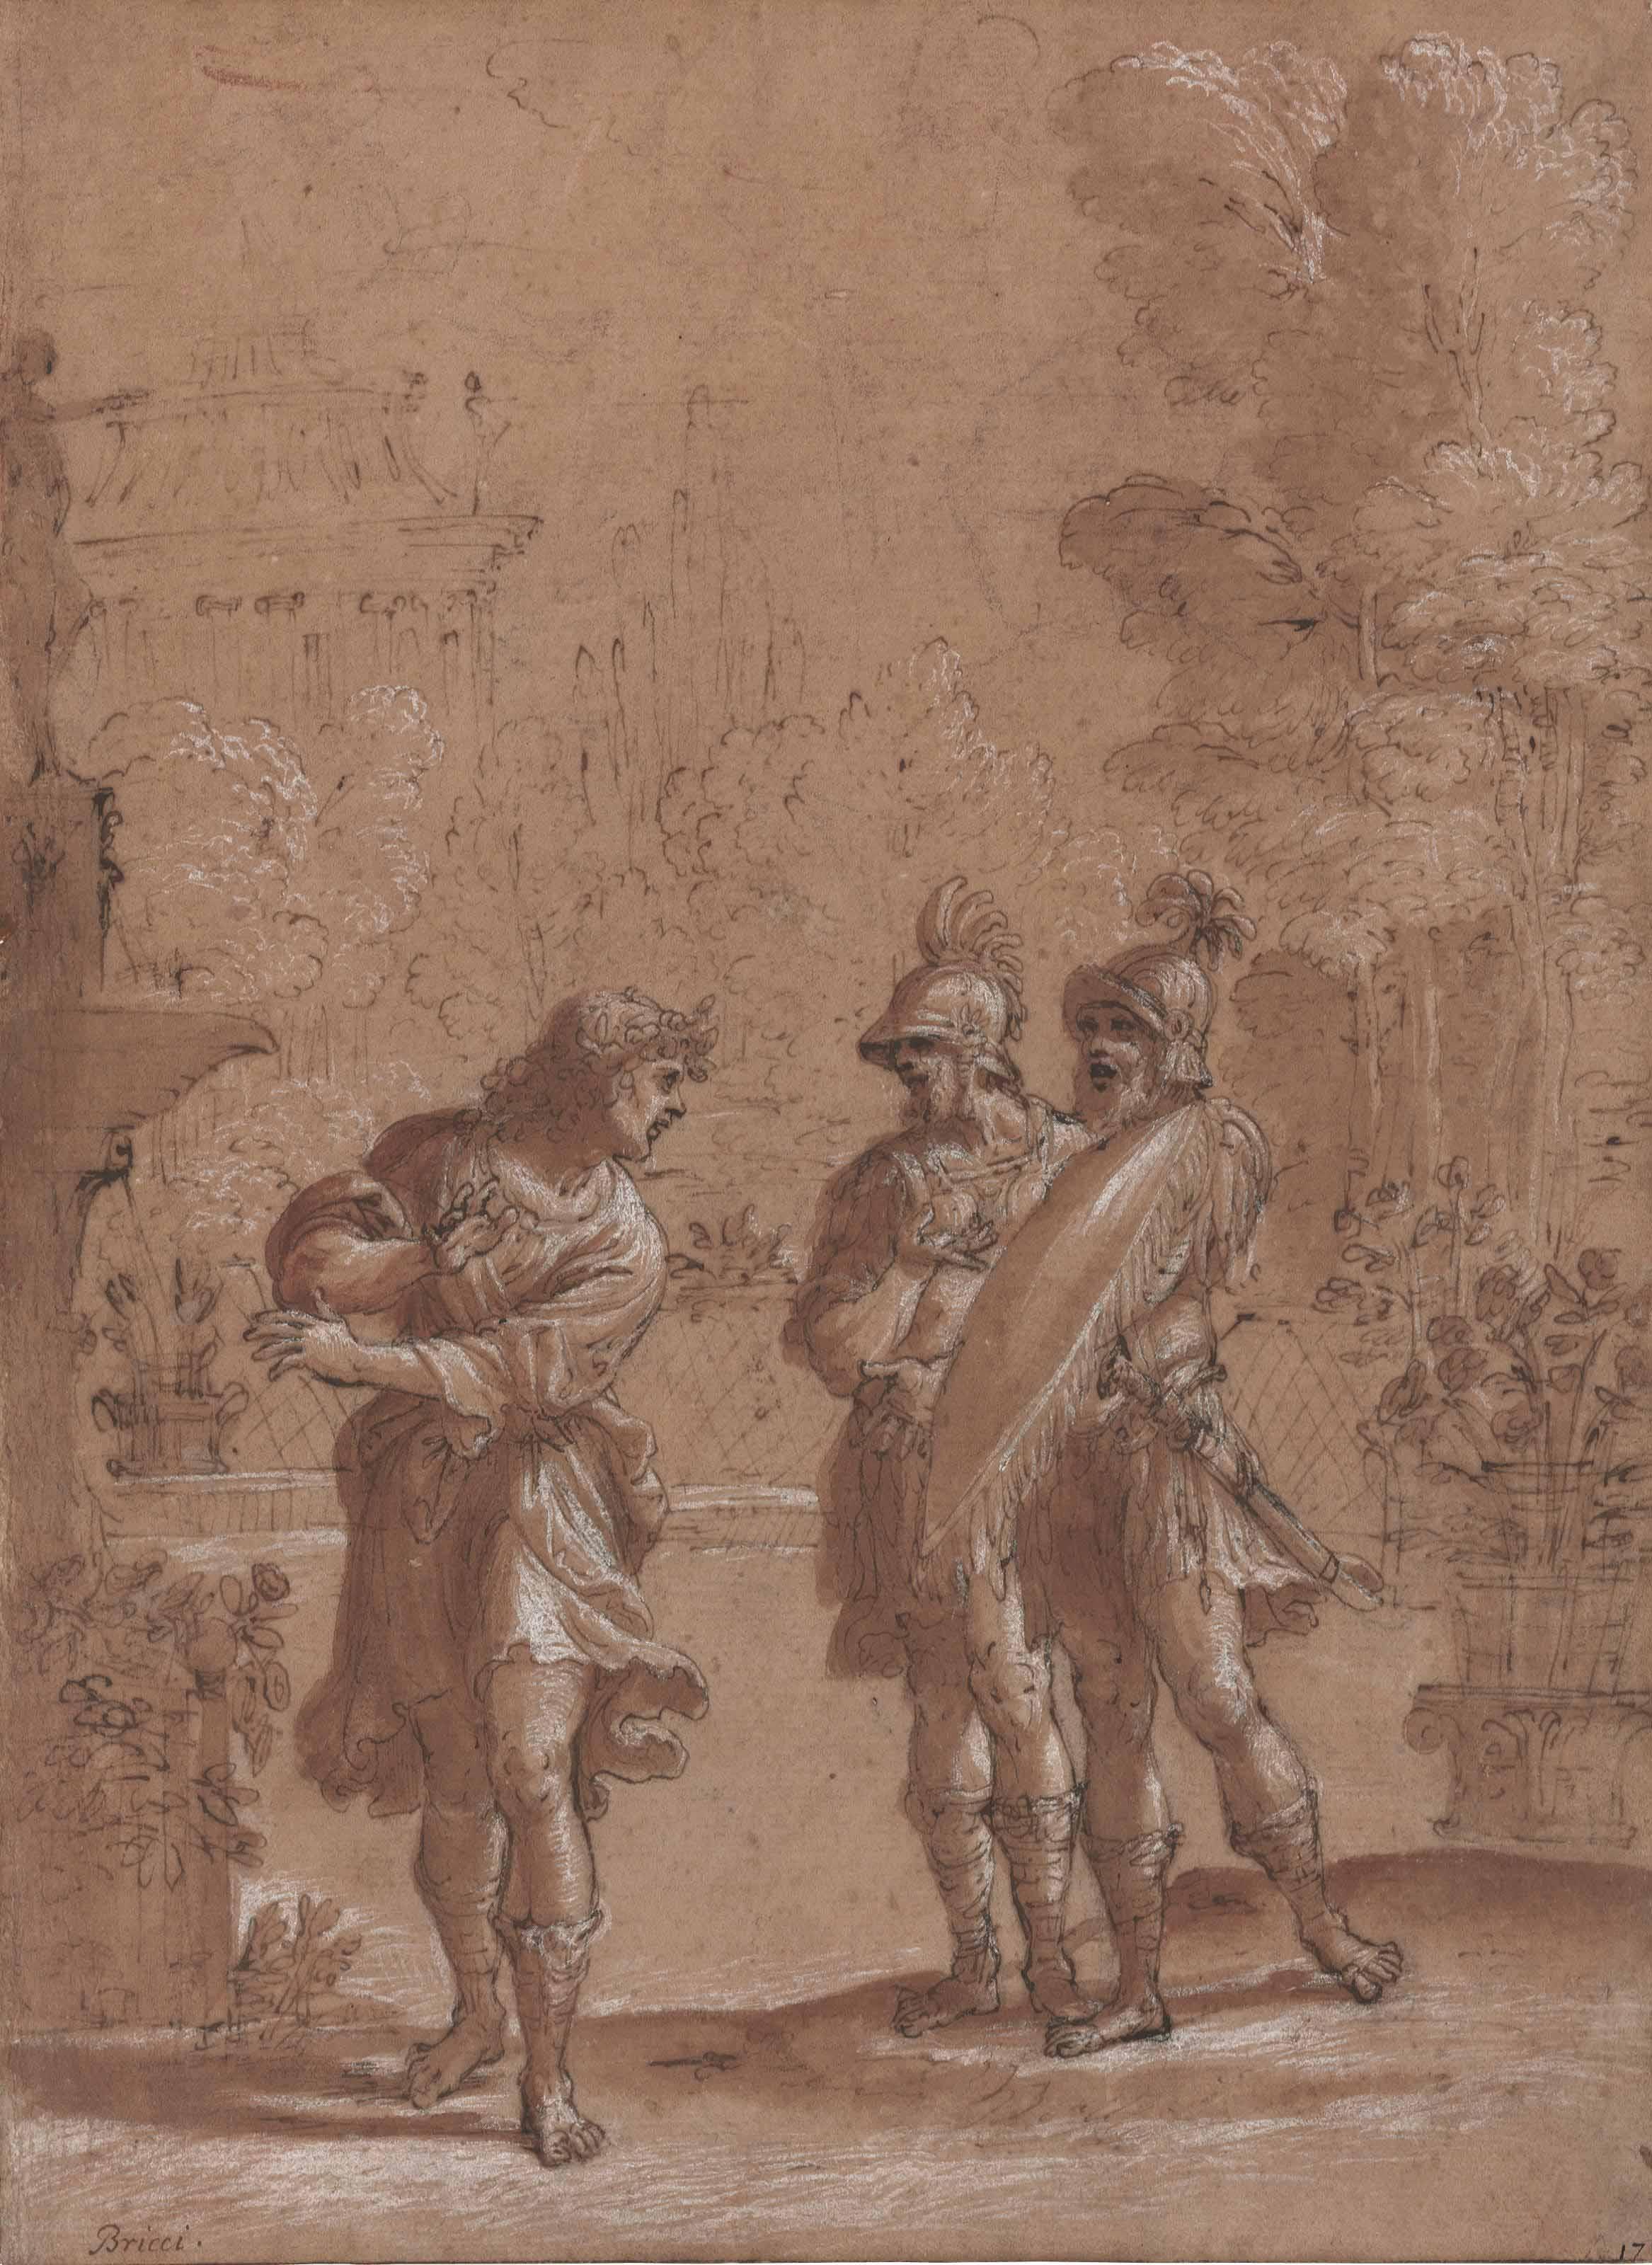 Carlo and Ubaldo in the enchanted garden of Armida